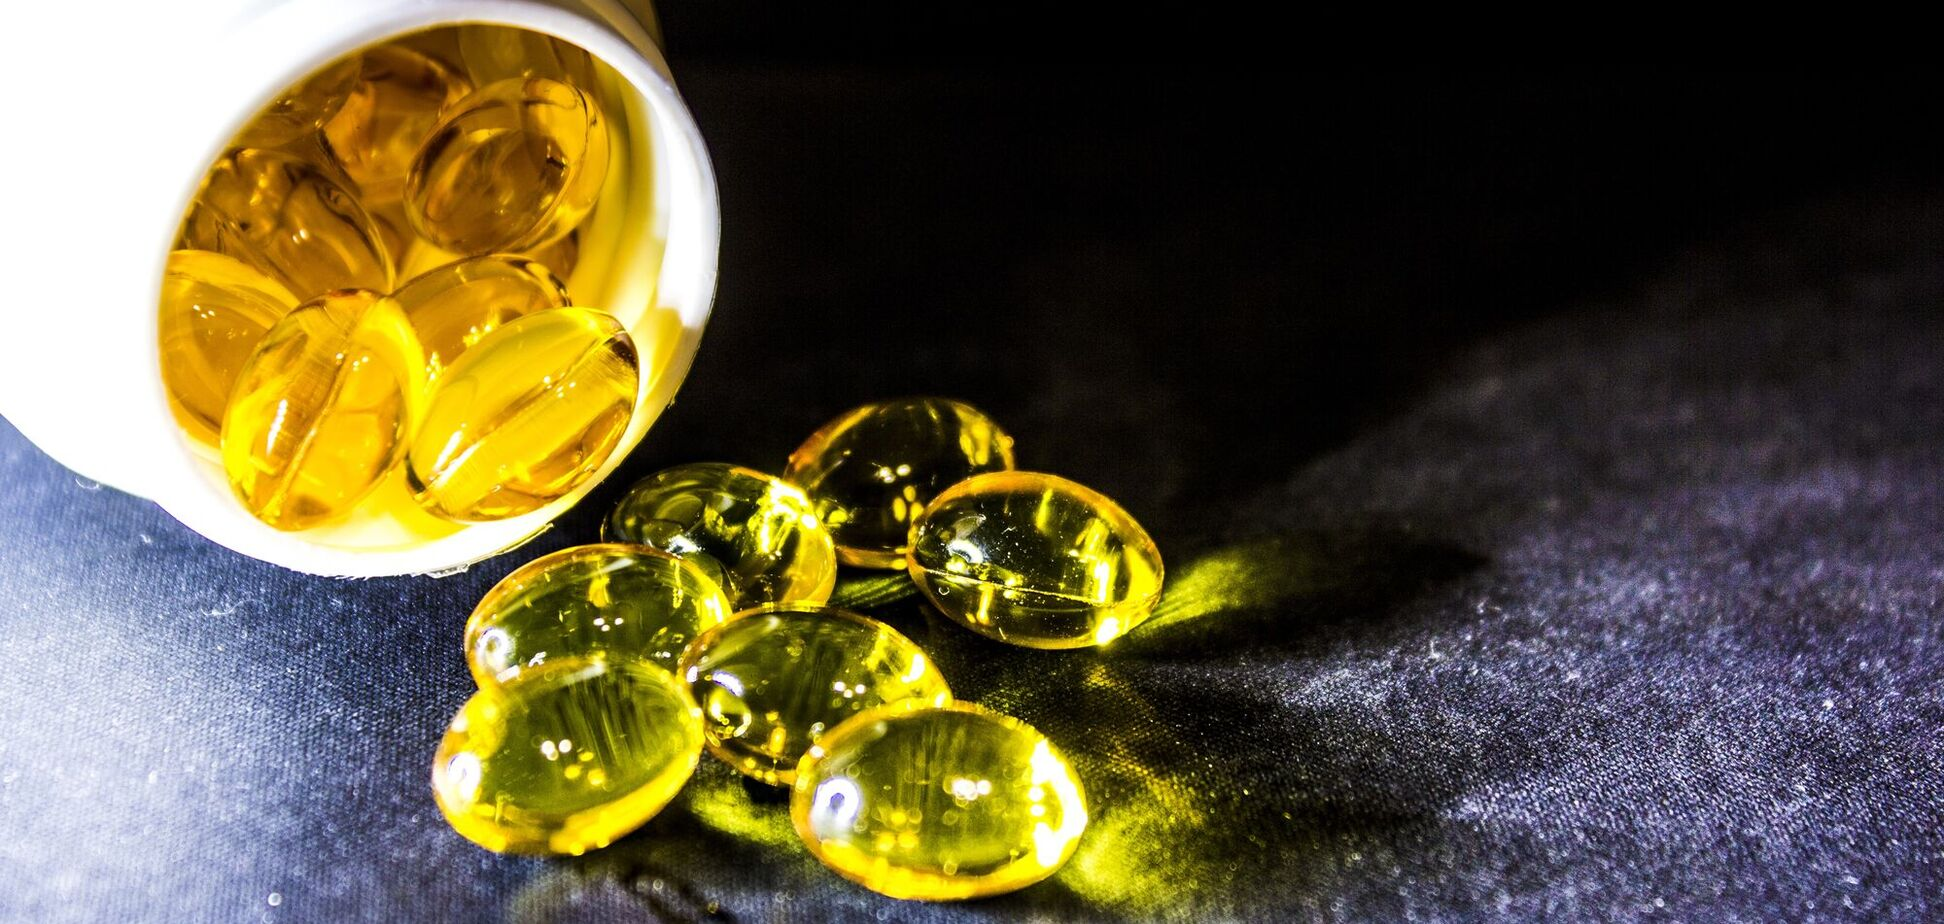 Велику кількість Омега-3 містить риб'ячий жир